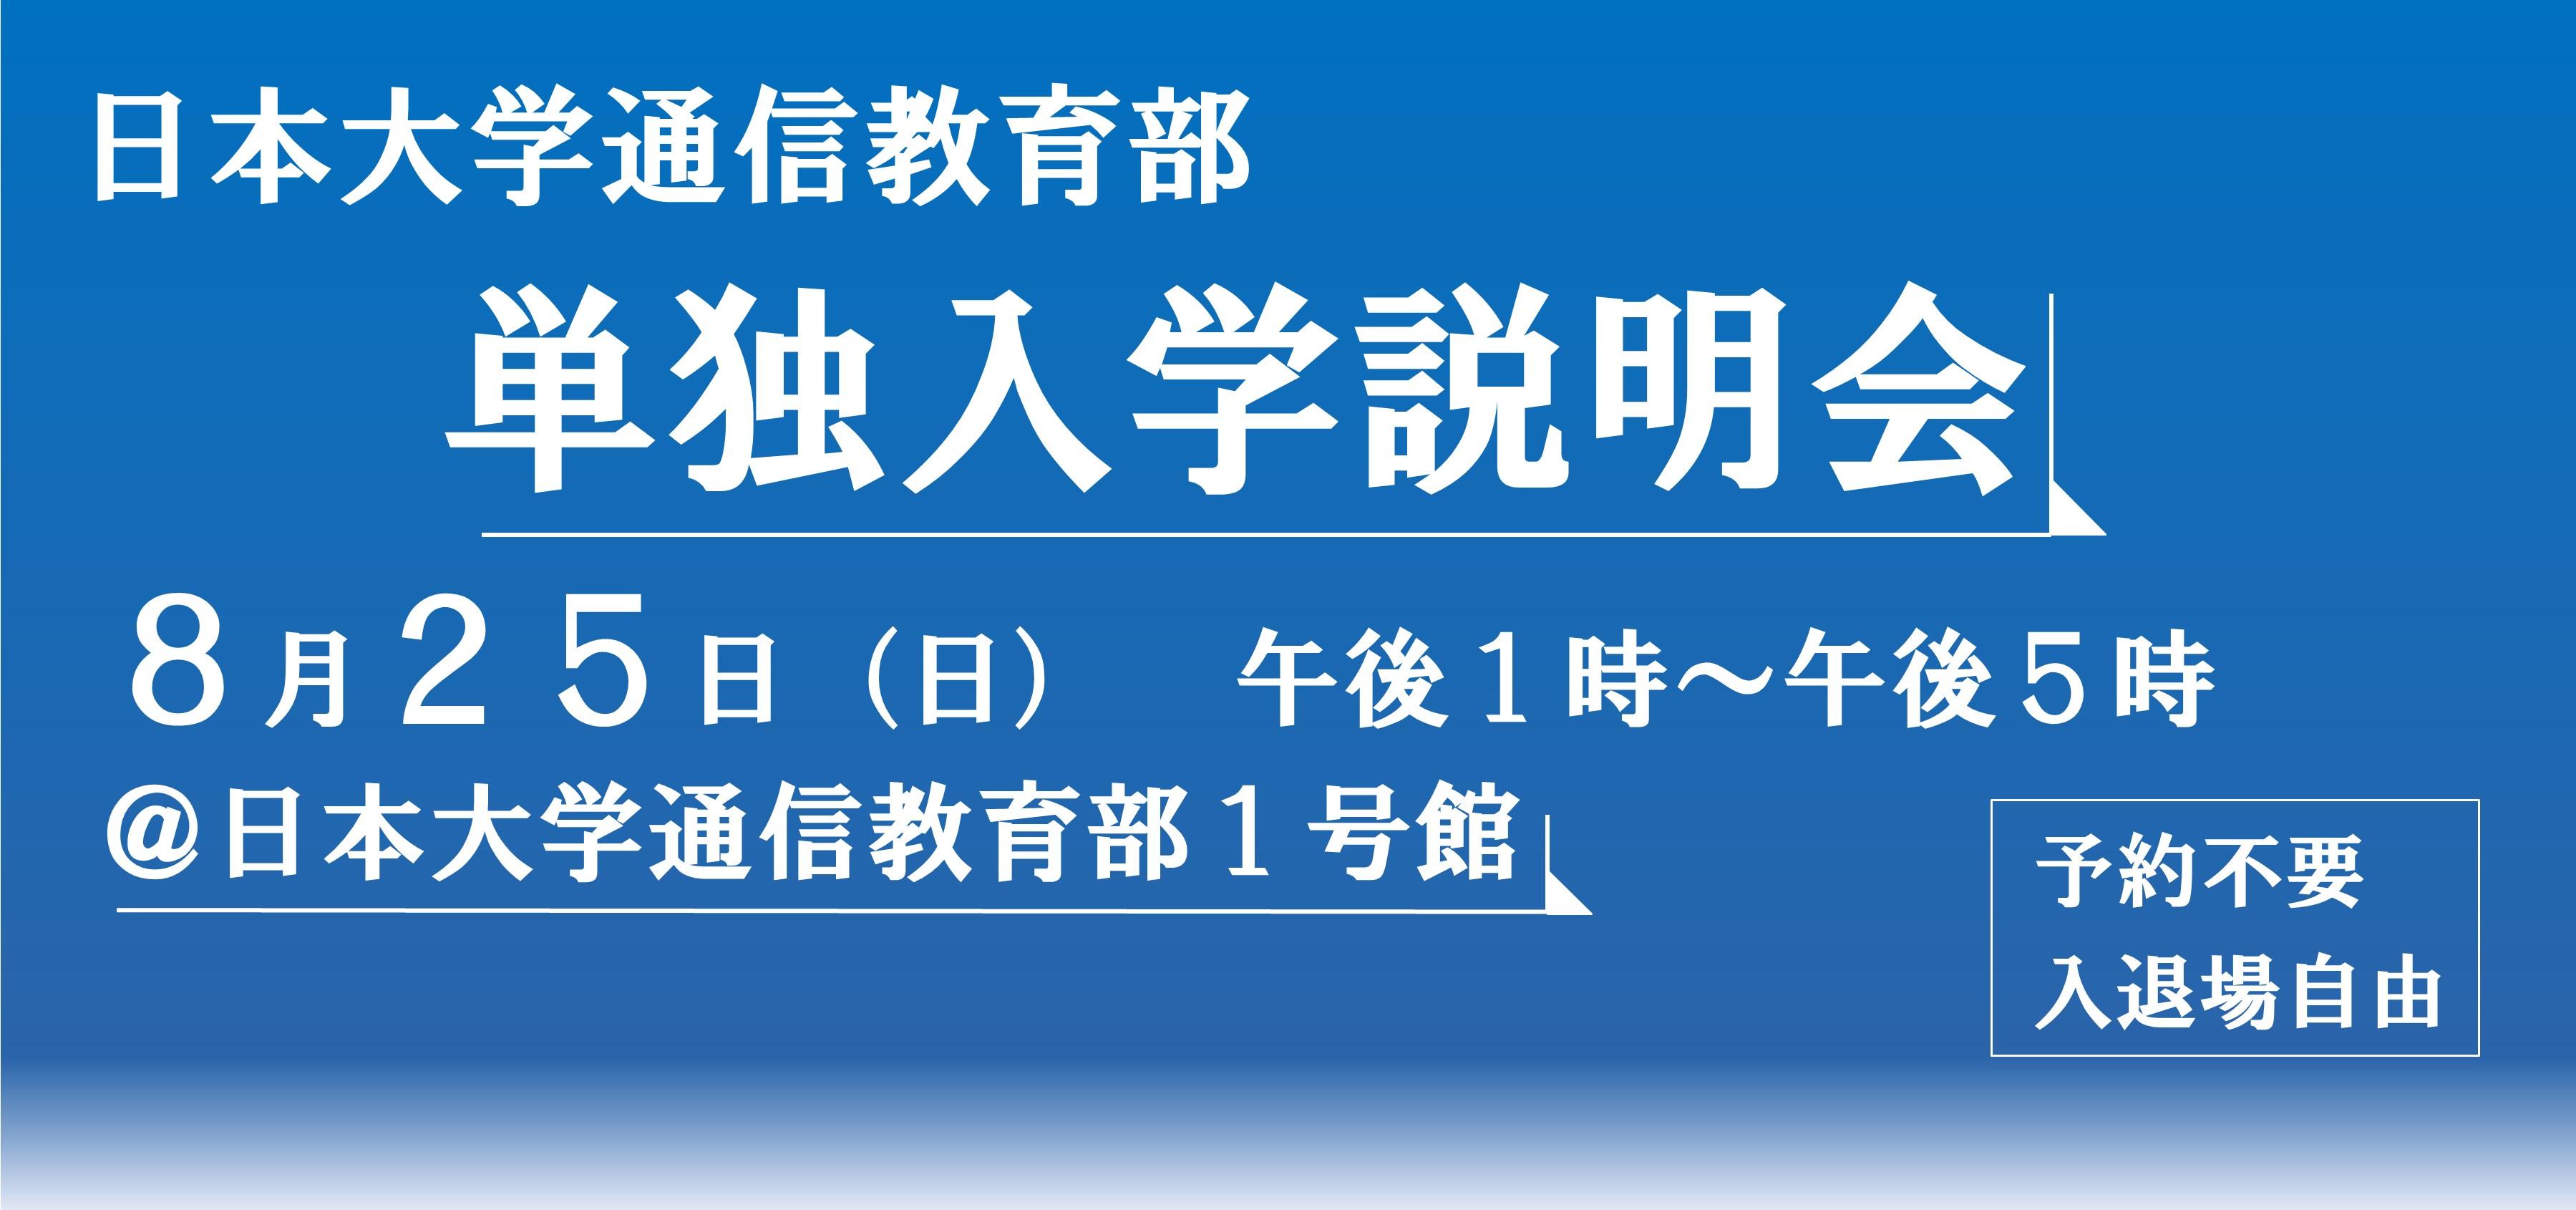 2019年度10月入学向け入学説明会part4(8月25日)